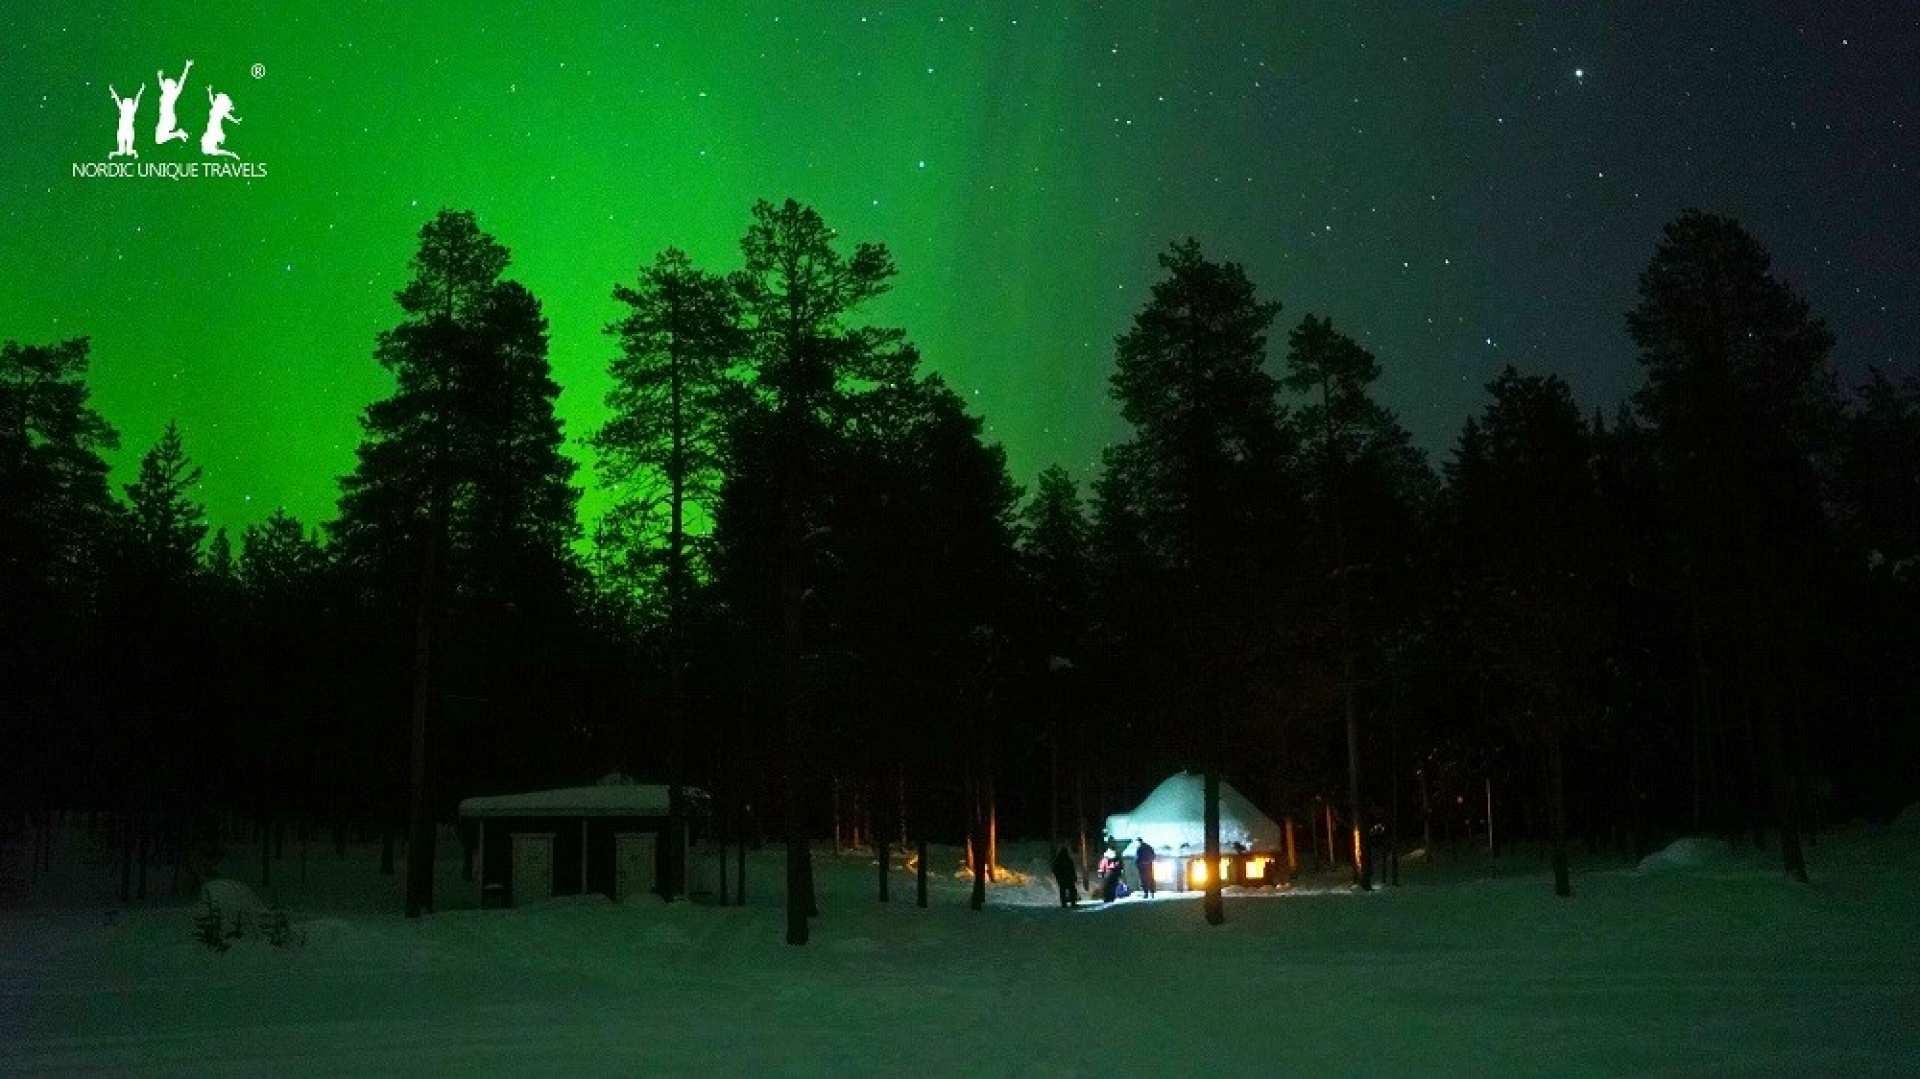 【芬蘭北極光追尋之旅】羅瓦涅米森林踏雪+享用極光野餐